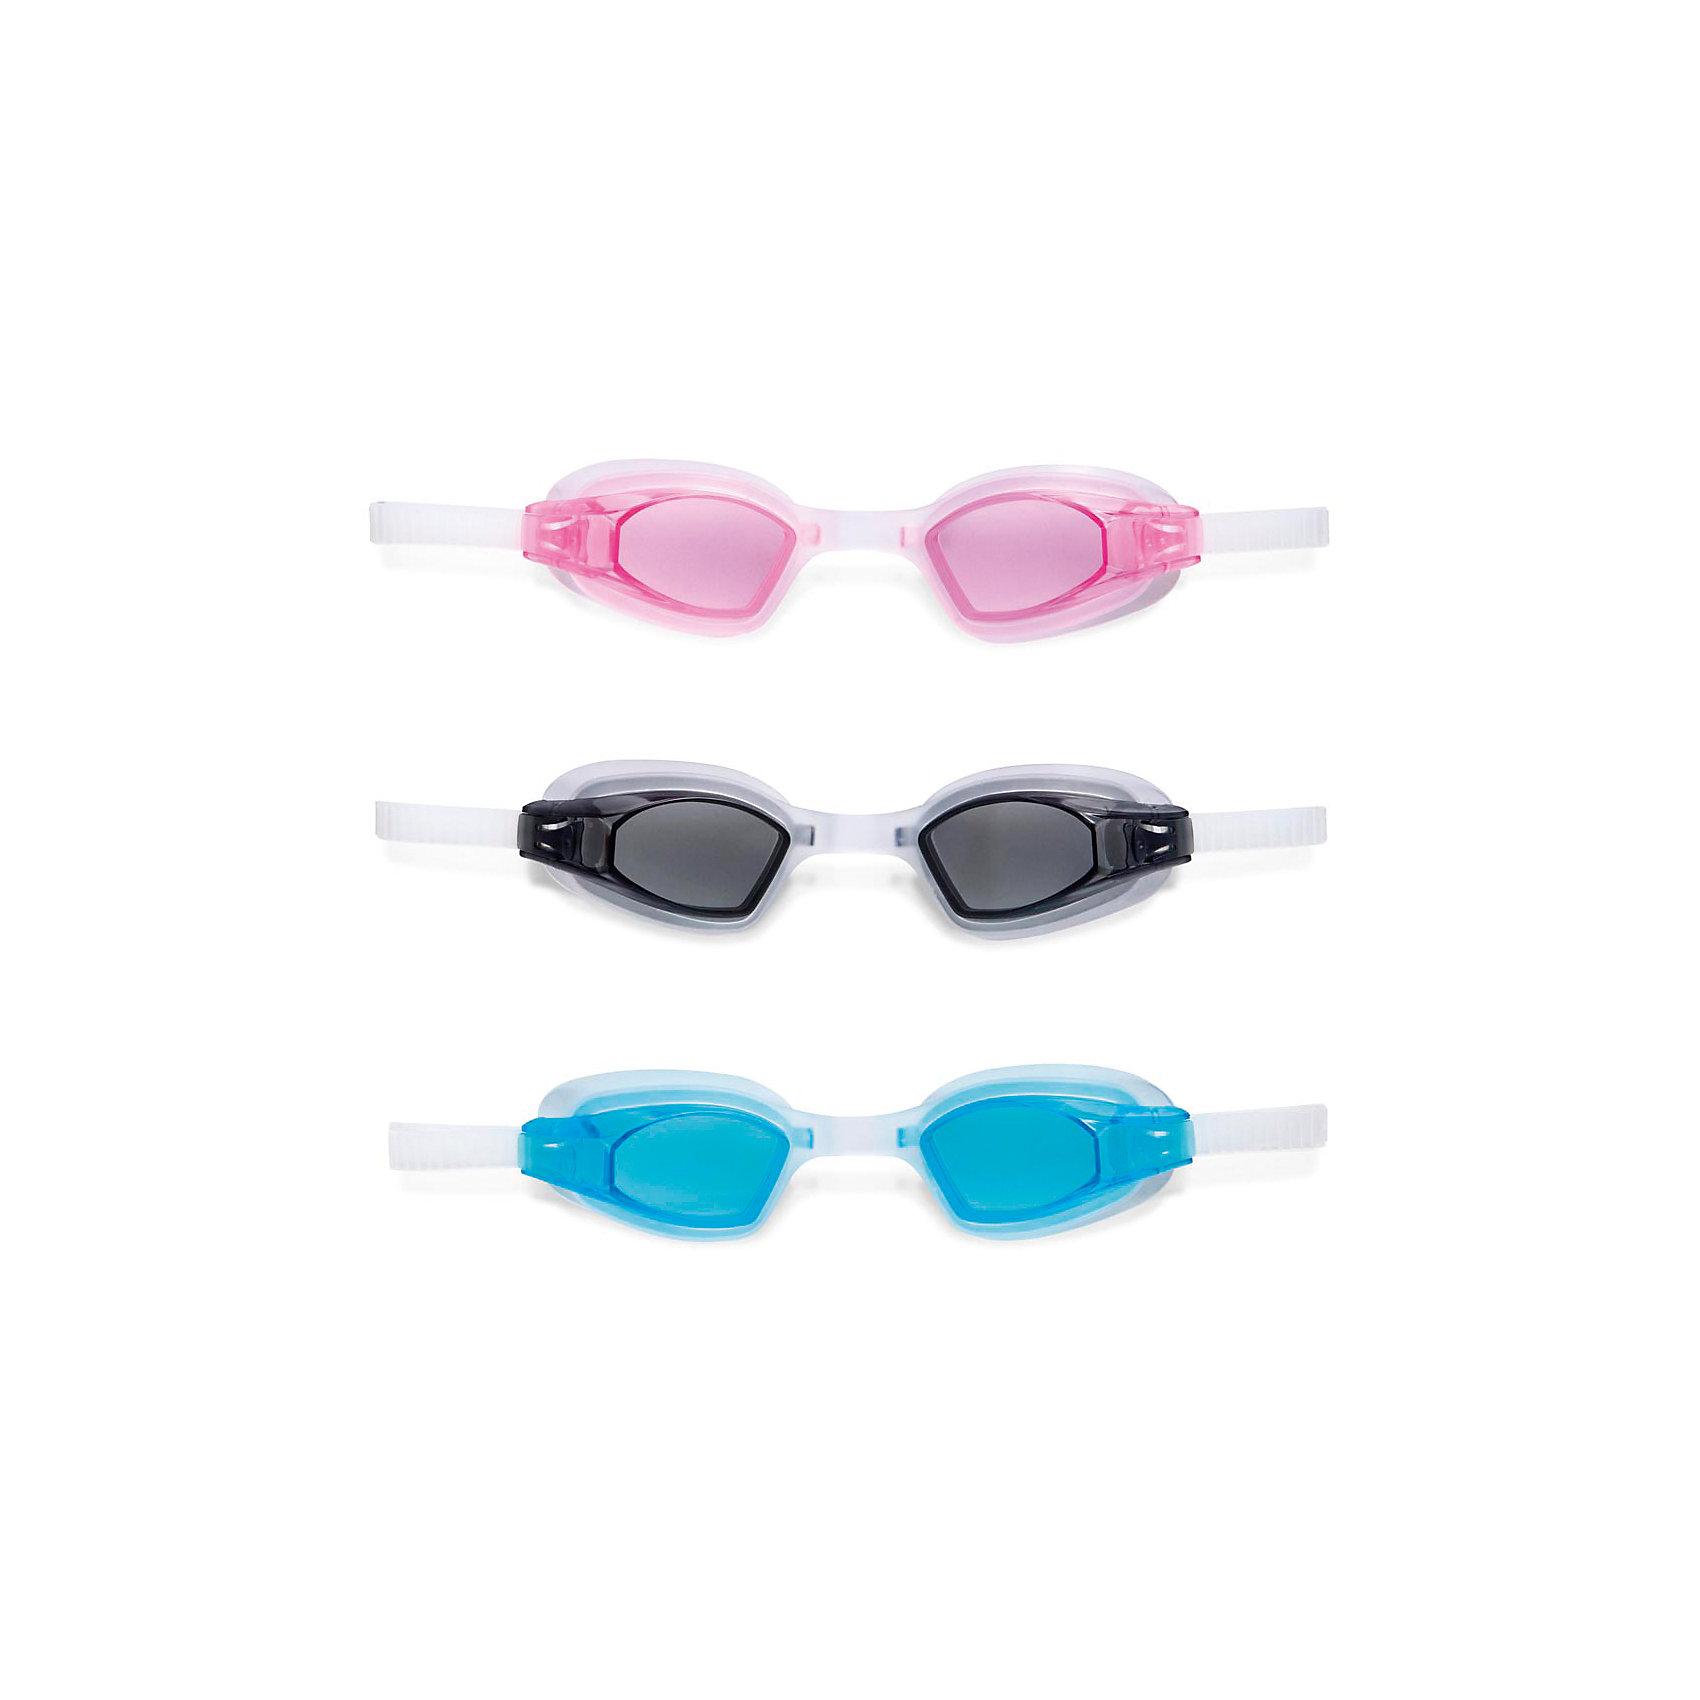 Спортивные очки для плавания Фри стайл, IntexОчки, маски, ласты, шапочки<br>Характеристики товара:<br><br>• материал: пластик, силикон, резина<br>• размер упаковки: 19,5х16х5 см<br>• возраст: от 8 лет<br>• линзы с функцией анти-запотевания обеспечивают защиту от UV-излучения <br>• удобный регулируемый силиконовый ремешок<br>• мягкие накладки<br>• переносица не регулируется<br>• отлично защищают от попадания воды<br>• 3 цвета в ассортименте: черный, розовый, голубой<br><br>Спортивные очки Фри стайл от Intex - отличный вариант для плавания под водой. <br><br>Очки имеют удобный регулируемый силиконовый ремешок и мягкие накладки, гарантирующие герметичное прилегание и не допускающие проникновение воды. <br><br>Пластиковые линзы с функцией антизапотевания обеспечивают защиту от UV-излучения. <br><br>Очки изготовлены из прочных нетоксичных материалов, удобны в эксплуатации, прослужат очень долго. <br><br>Спортивные очки для плавания Фри стайл (Free Style), Intex (Интекс) можно купить в нашем интернет-магазине.<br><br>Ширина мм: 165<br>Глубина мм: 196<br>Высота мм: 50<br>Вес г: 99<br>Возраст от месяцев: 96<br>Возраст до месяцев: 192<br>Пол: Унисекс<br>Возраст: Детский<br>SKU: 5501935